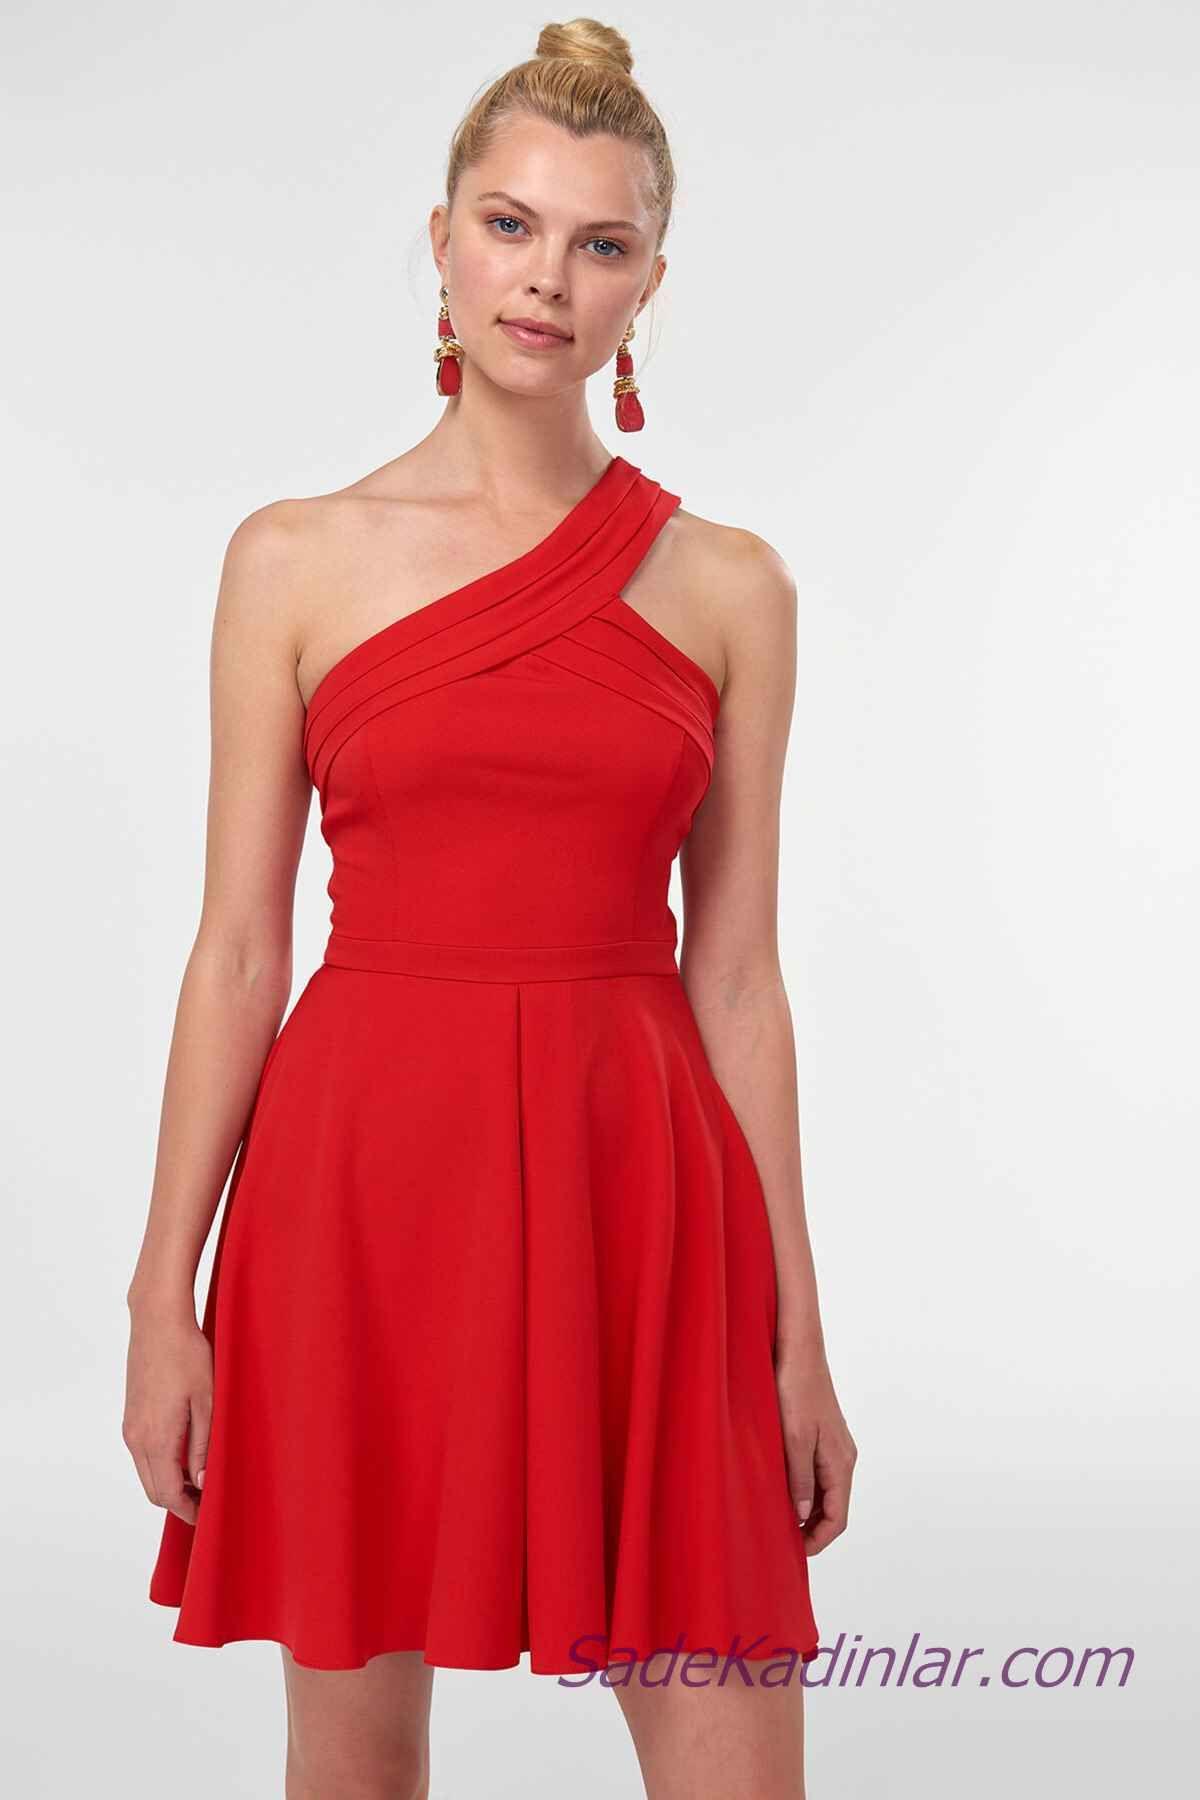 84c4701bbc925 2019 Abiye Elbise Modelleri Kırmızı Kısa Tek Kalın Askılı Omzu Açık Kloş  Etekli